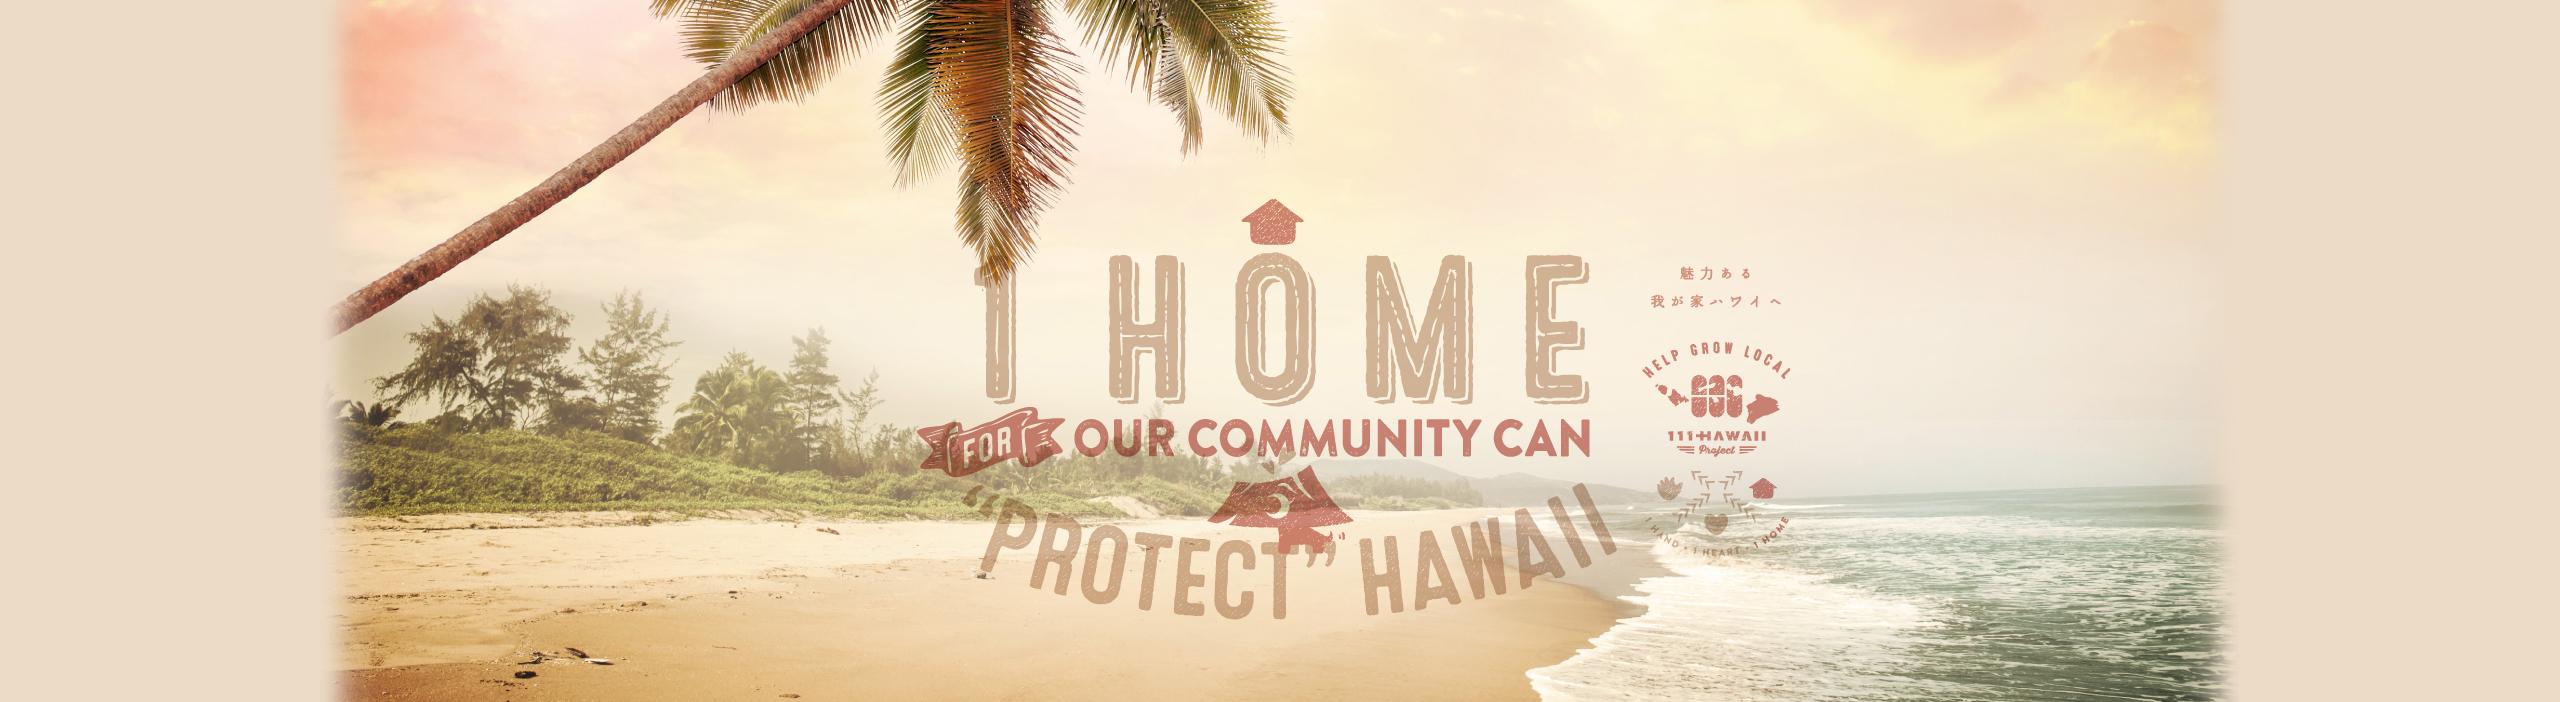 環境保護団体の活動で魅力ある我が家ハワイへ